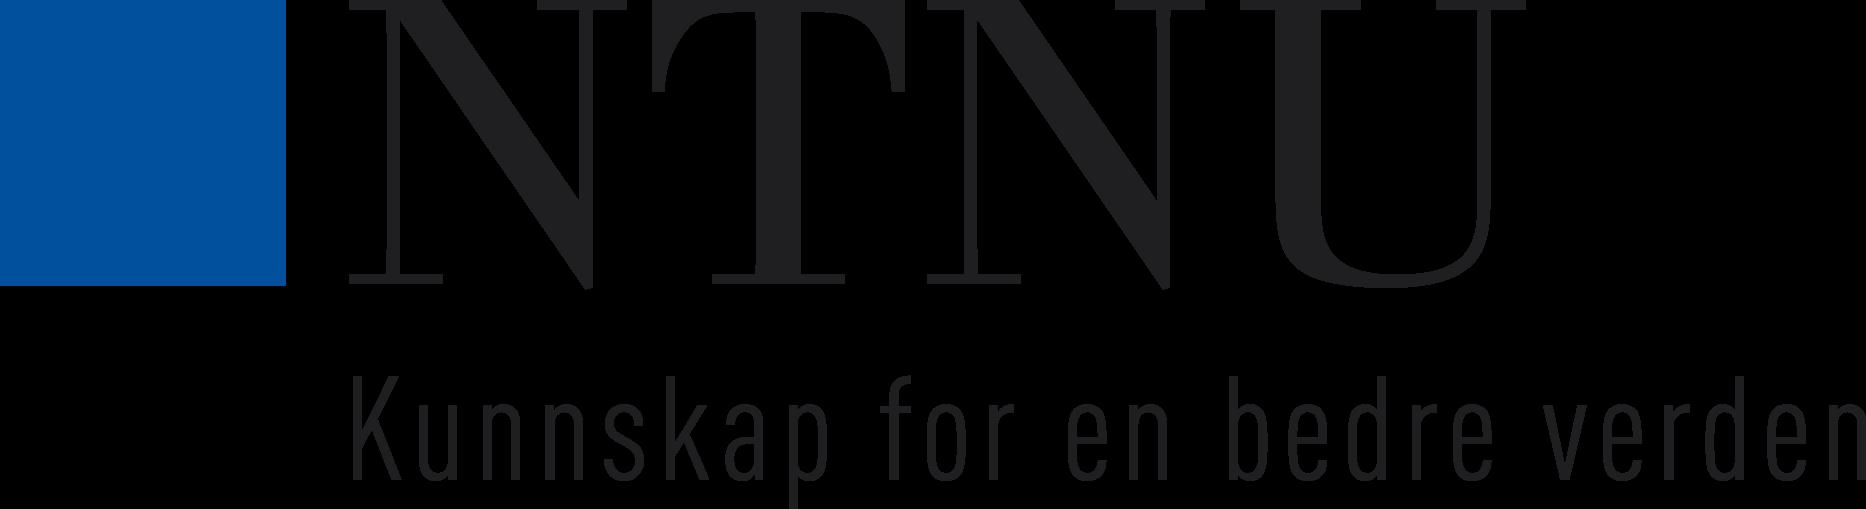 logo_ntnu_bokm.png